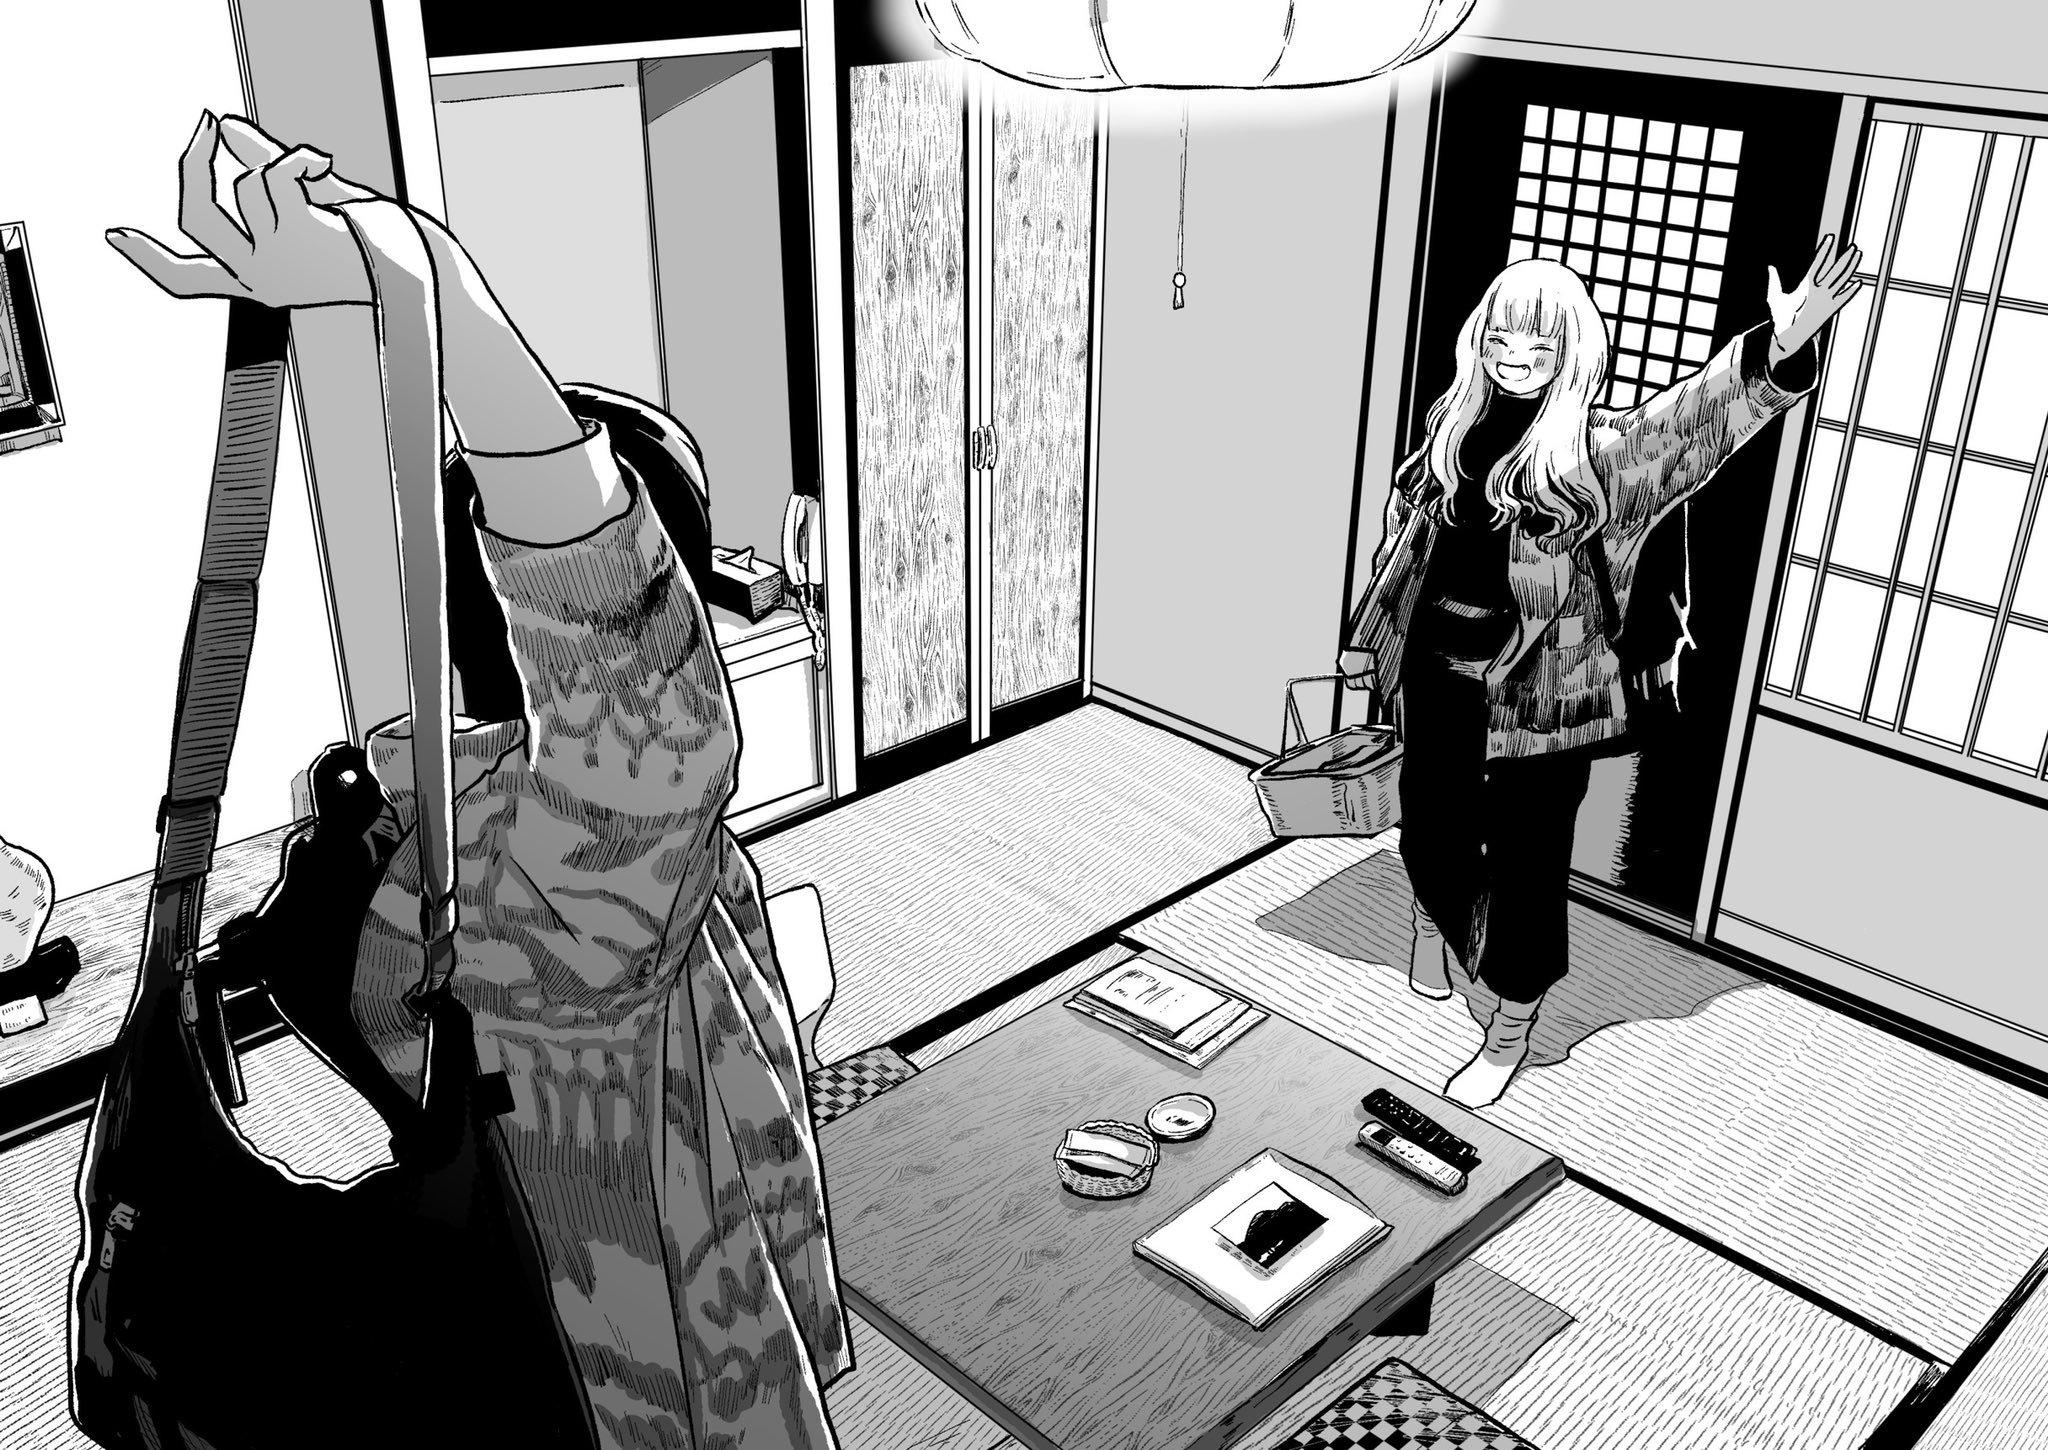 文野紋 最高の時間にするはずだったのに pixiv 动漫图片 第1张